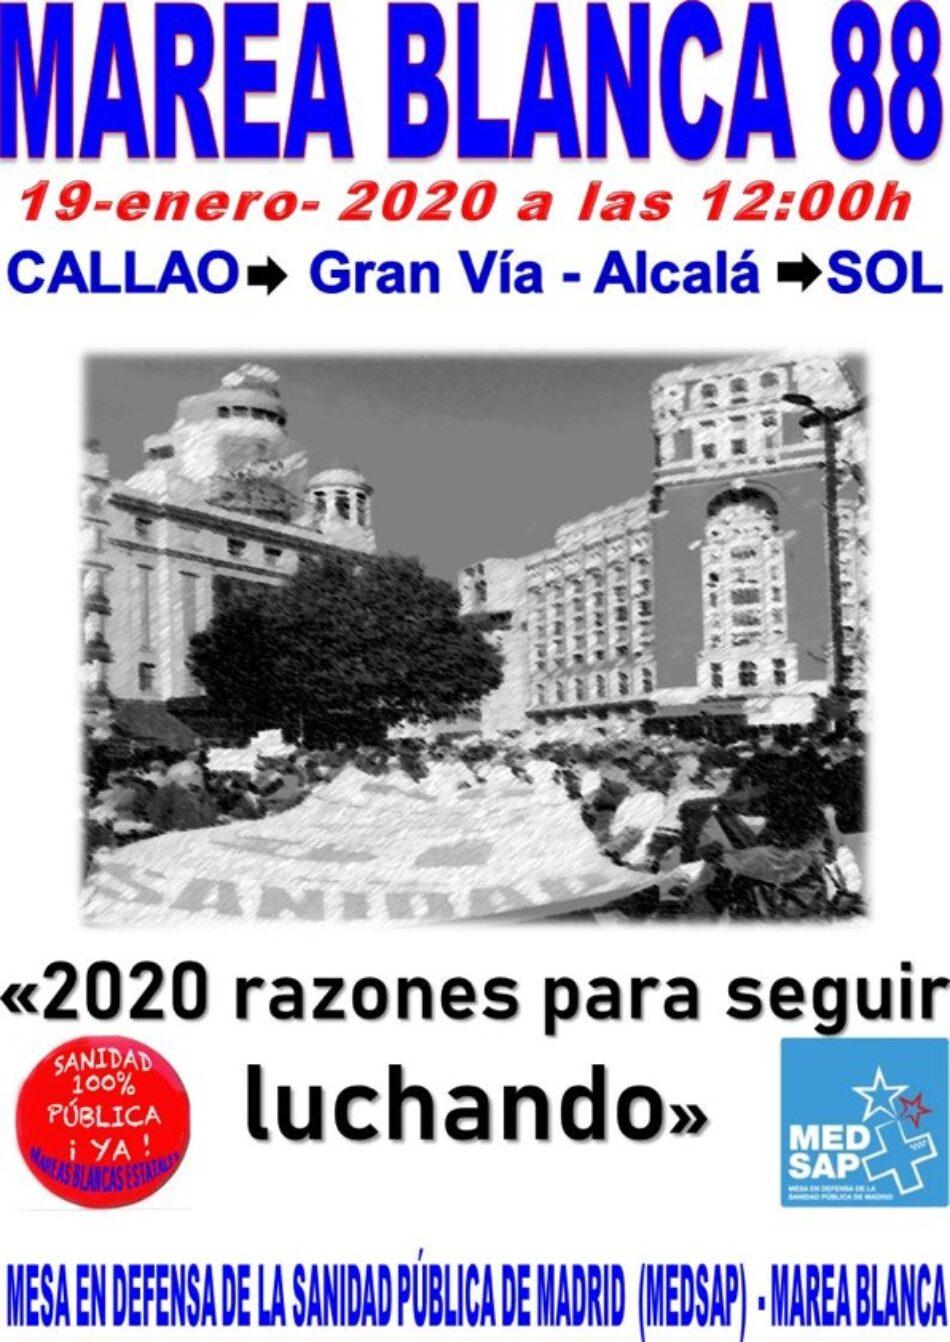 """88ª Marea Blanca: """"2020 razones para seguir luchando"""", el 19 de enero desde Callao"""